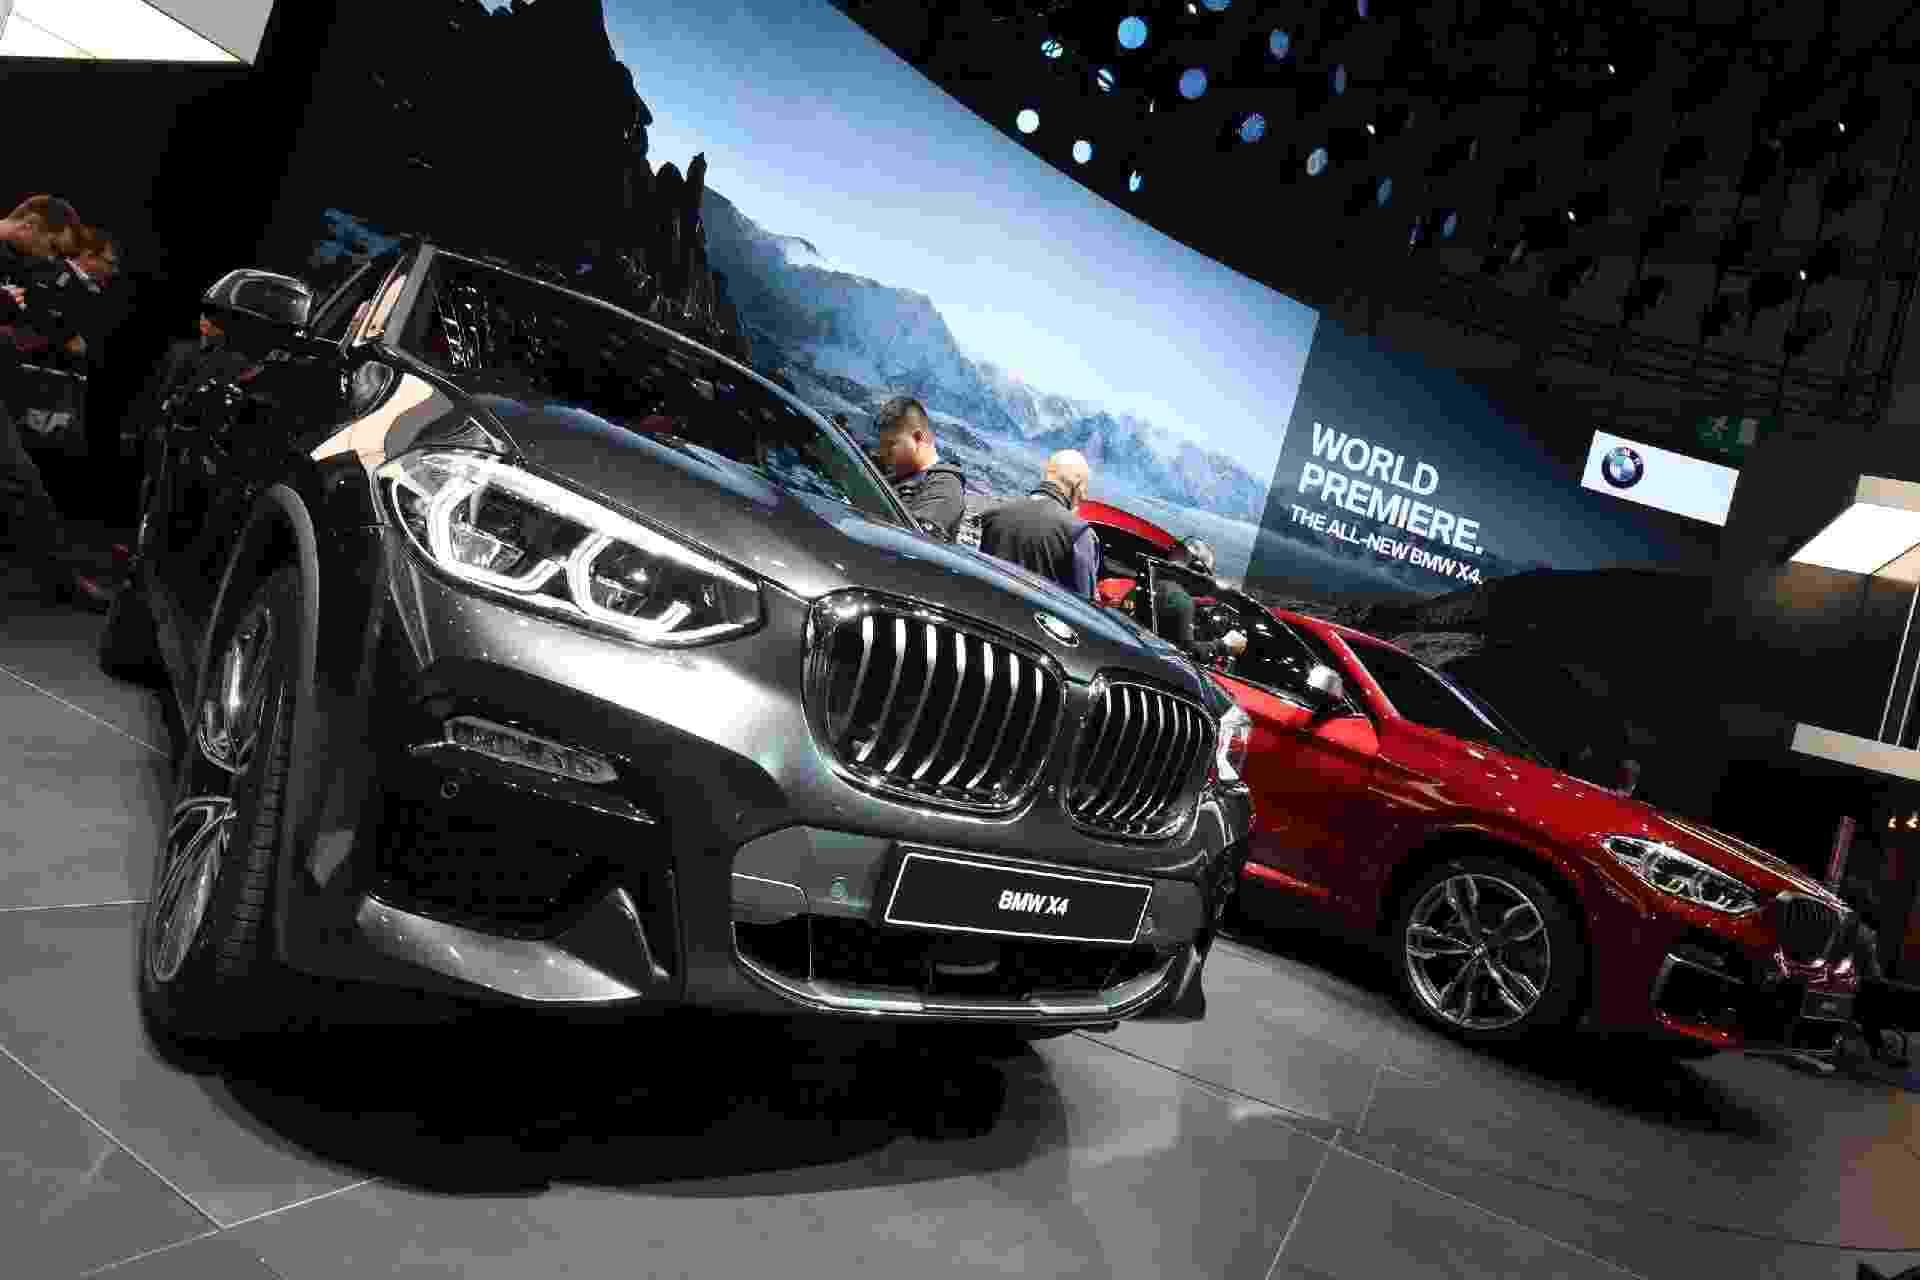 BMW X4 2019 - Newspress